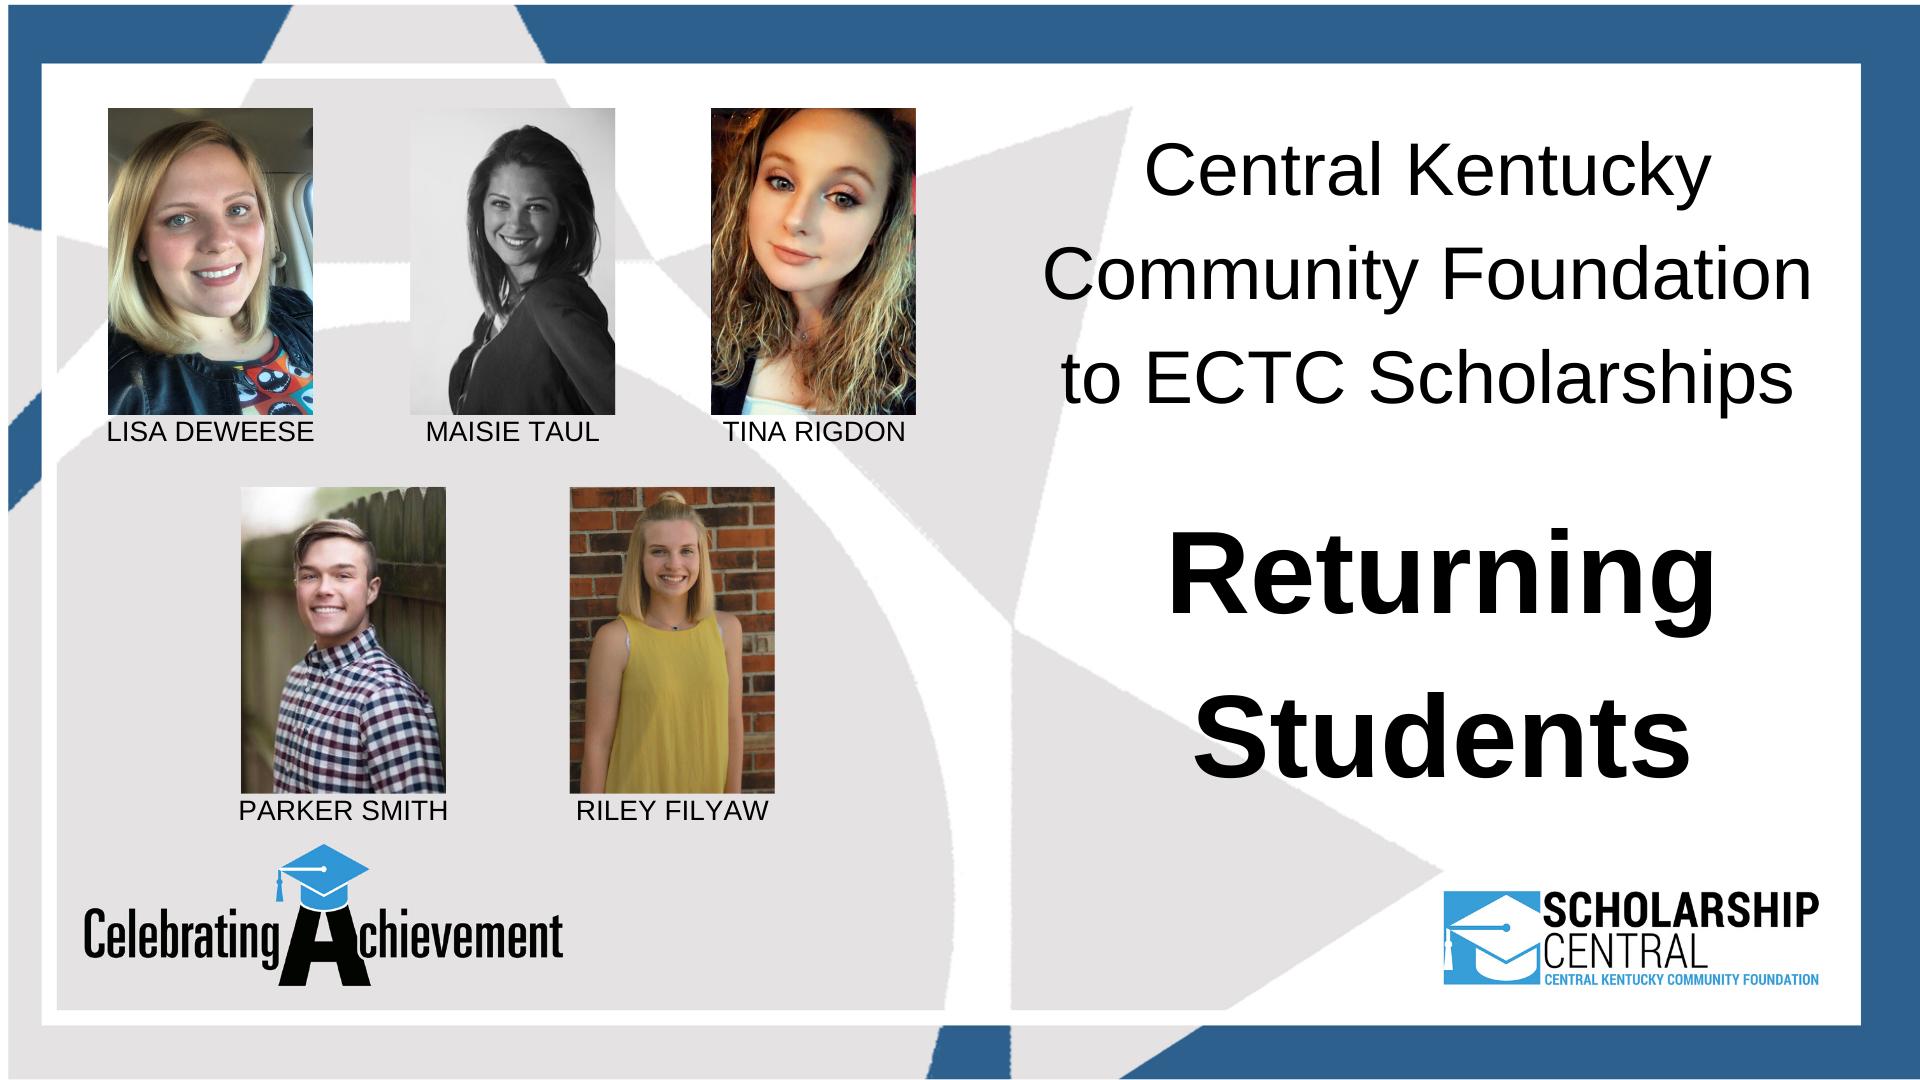 ECTC Returning Scholarship4